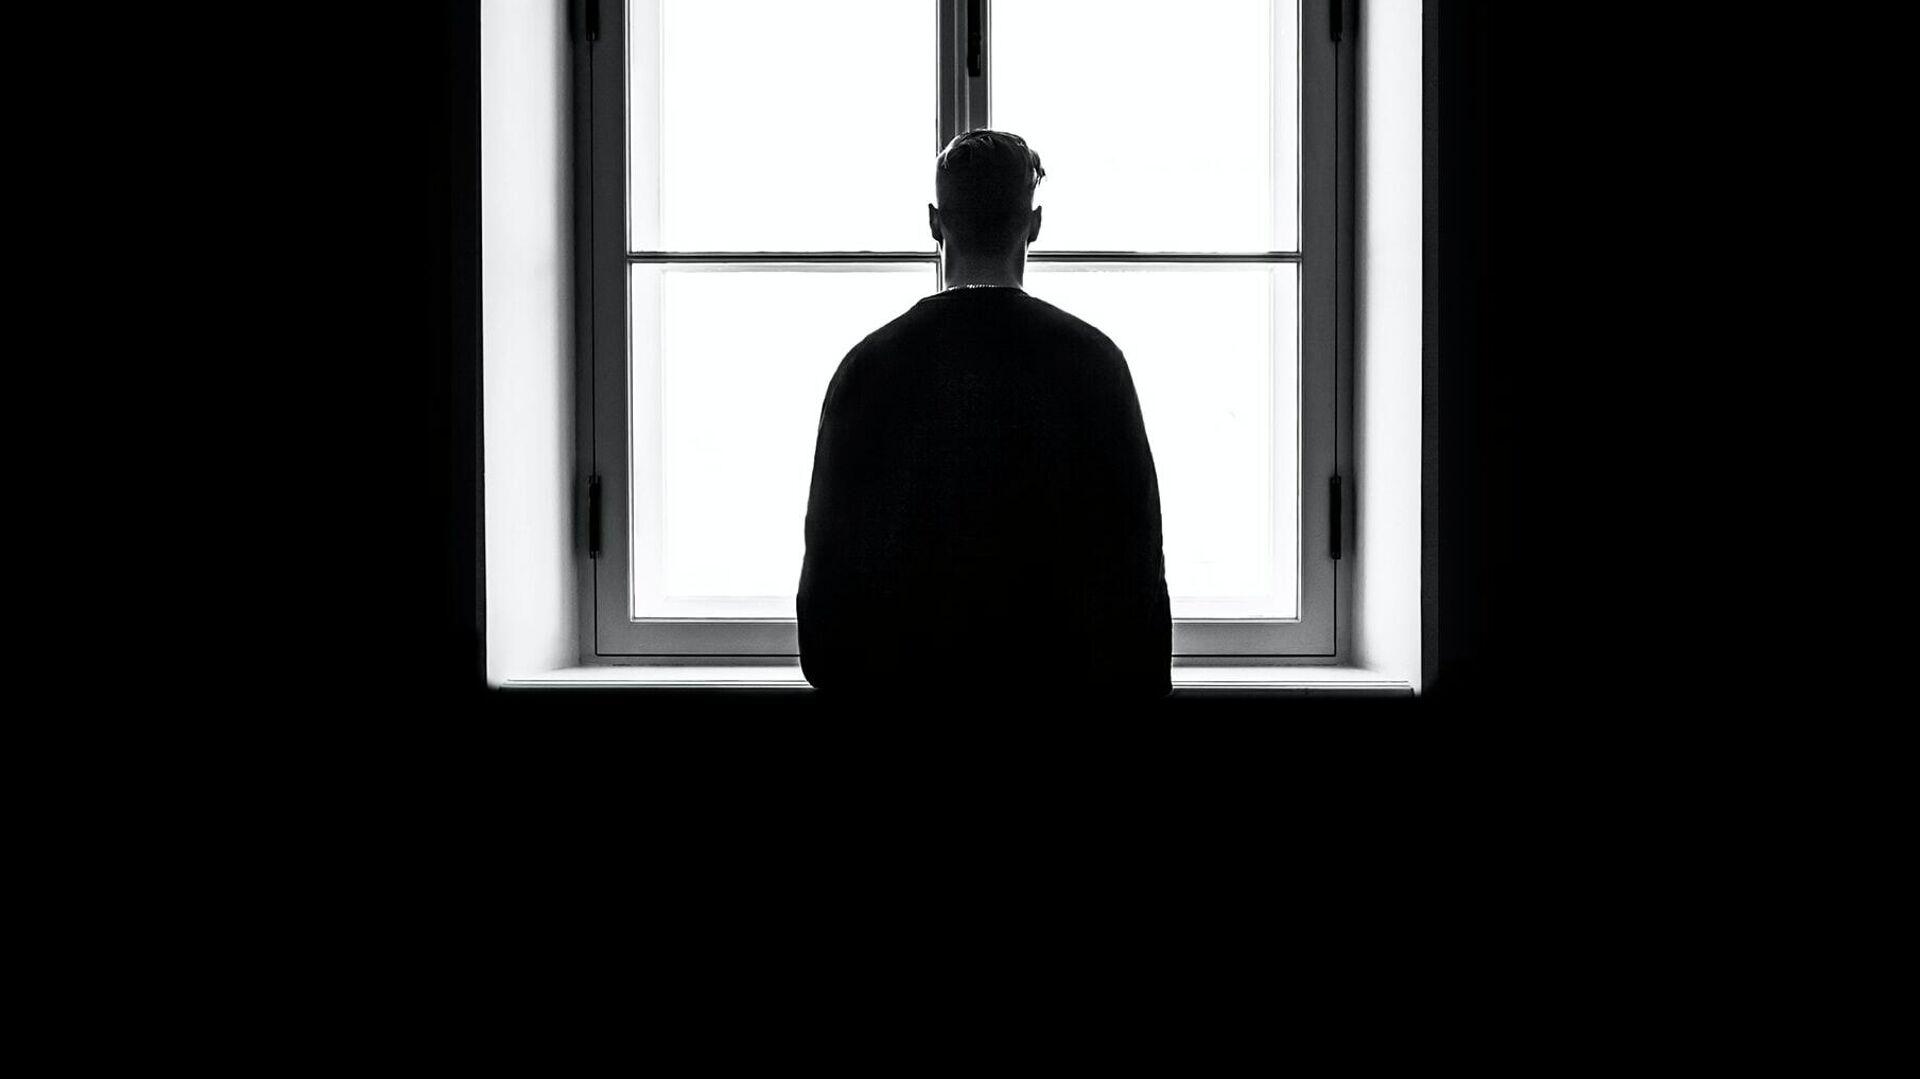 Una persona delante de una ventana en la oscuridad - Sputnik Mundo, 1920, 10.10.2021